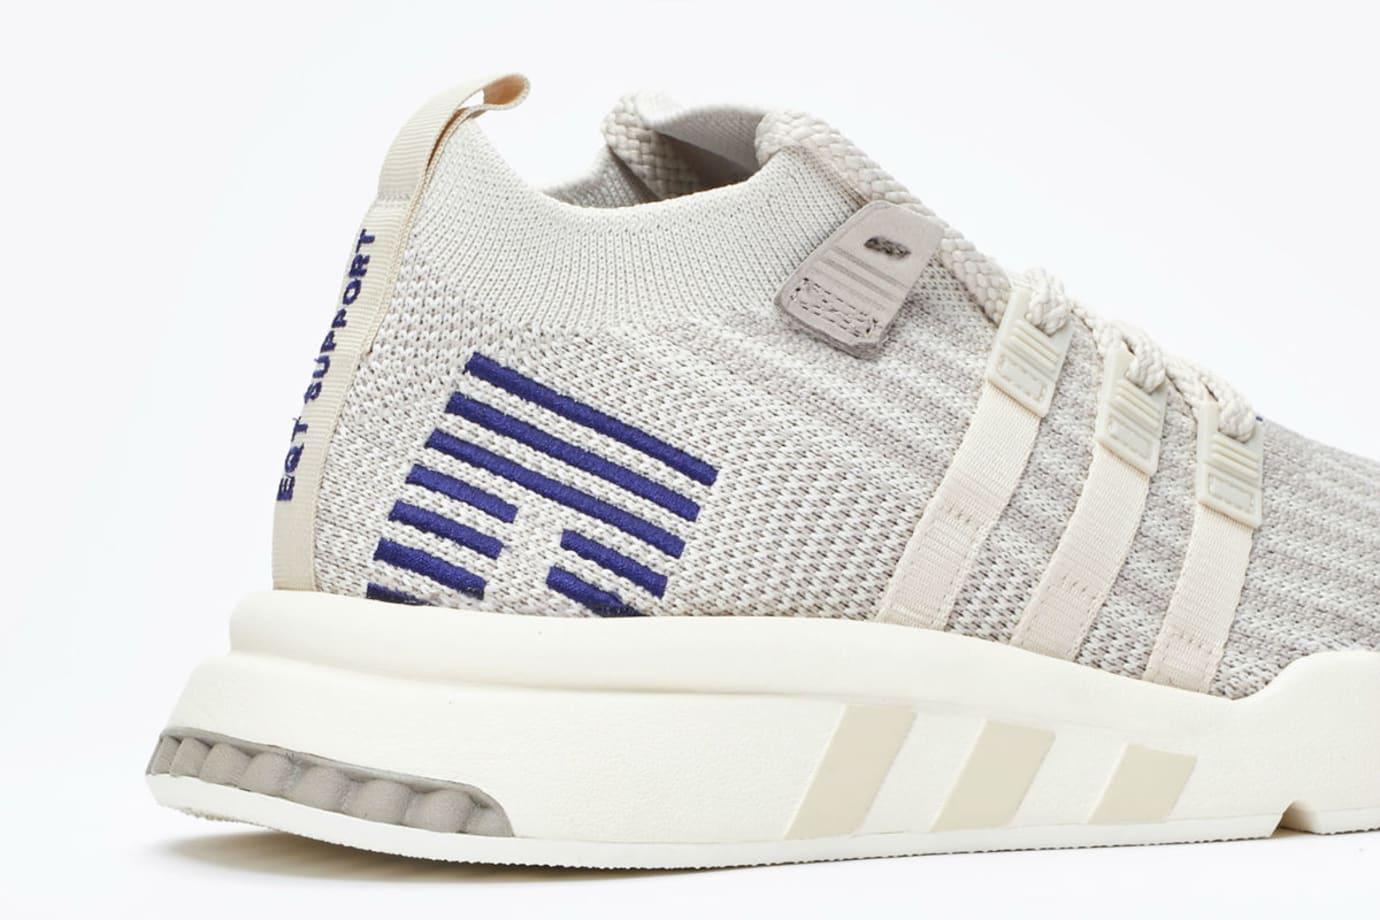 online retailer 9a61f 37a3a SneakersnStuff x Adidas Originals EQT Support ADV Heel